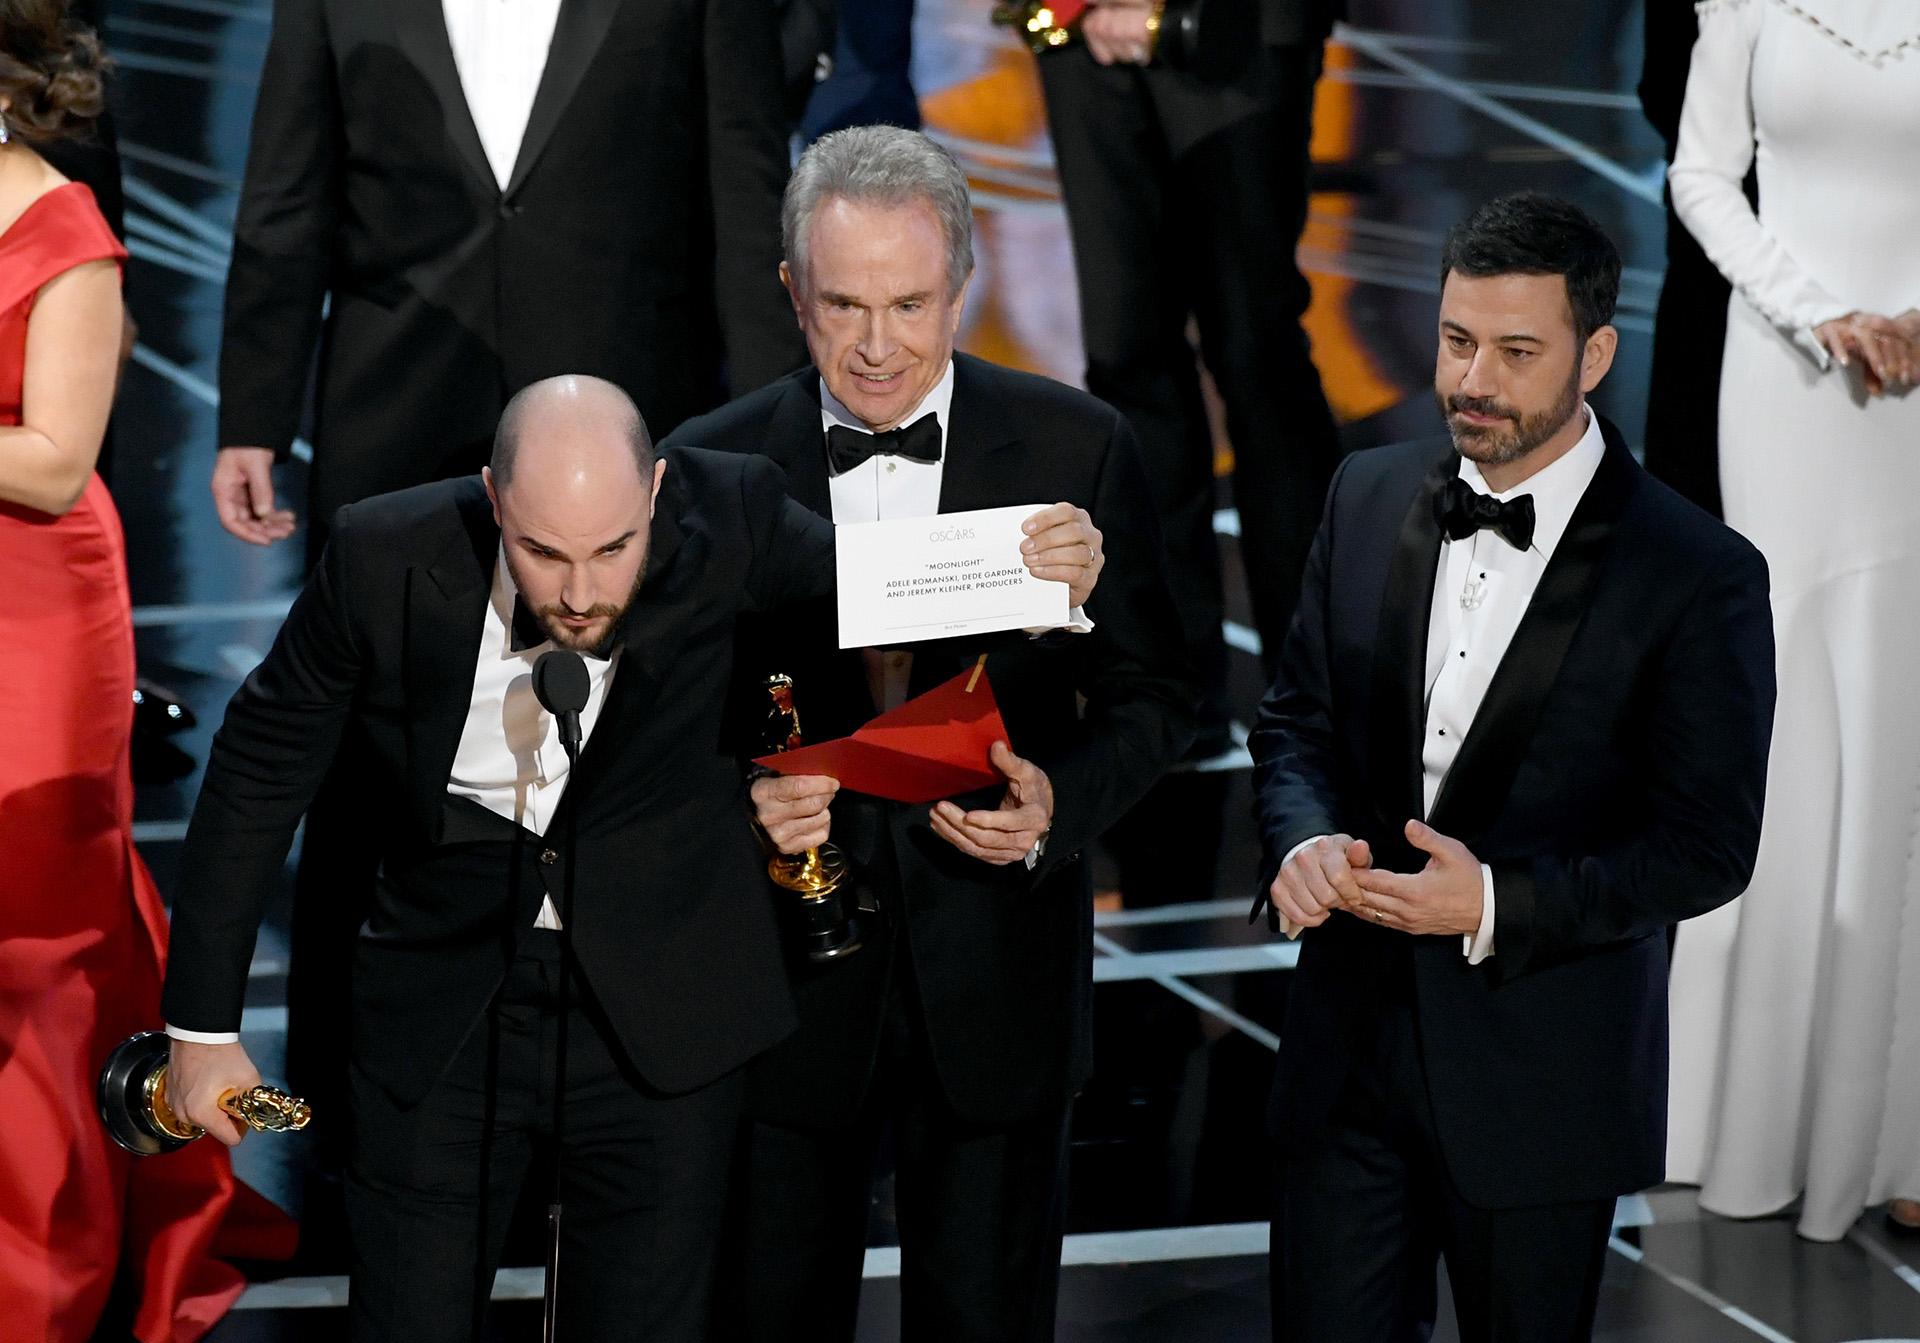 26/2 El productor de la película La La Land, Jordan Horowitz, anuncia que hubo un error y que en realidad el ganador del Oscar a la mejor película es Monlight, en el blooper más increíble de la historia de los premios de la Academia de Hollywood